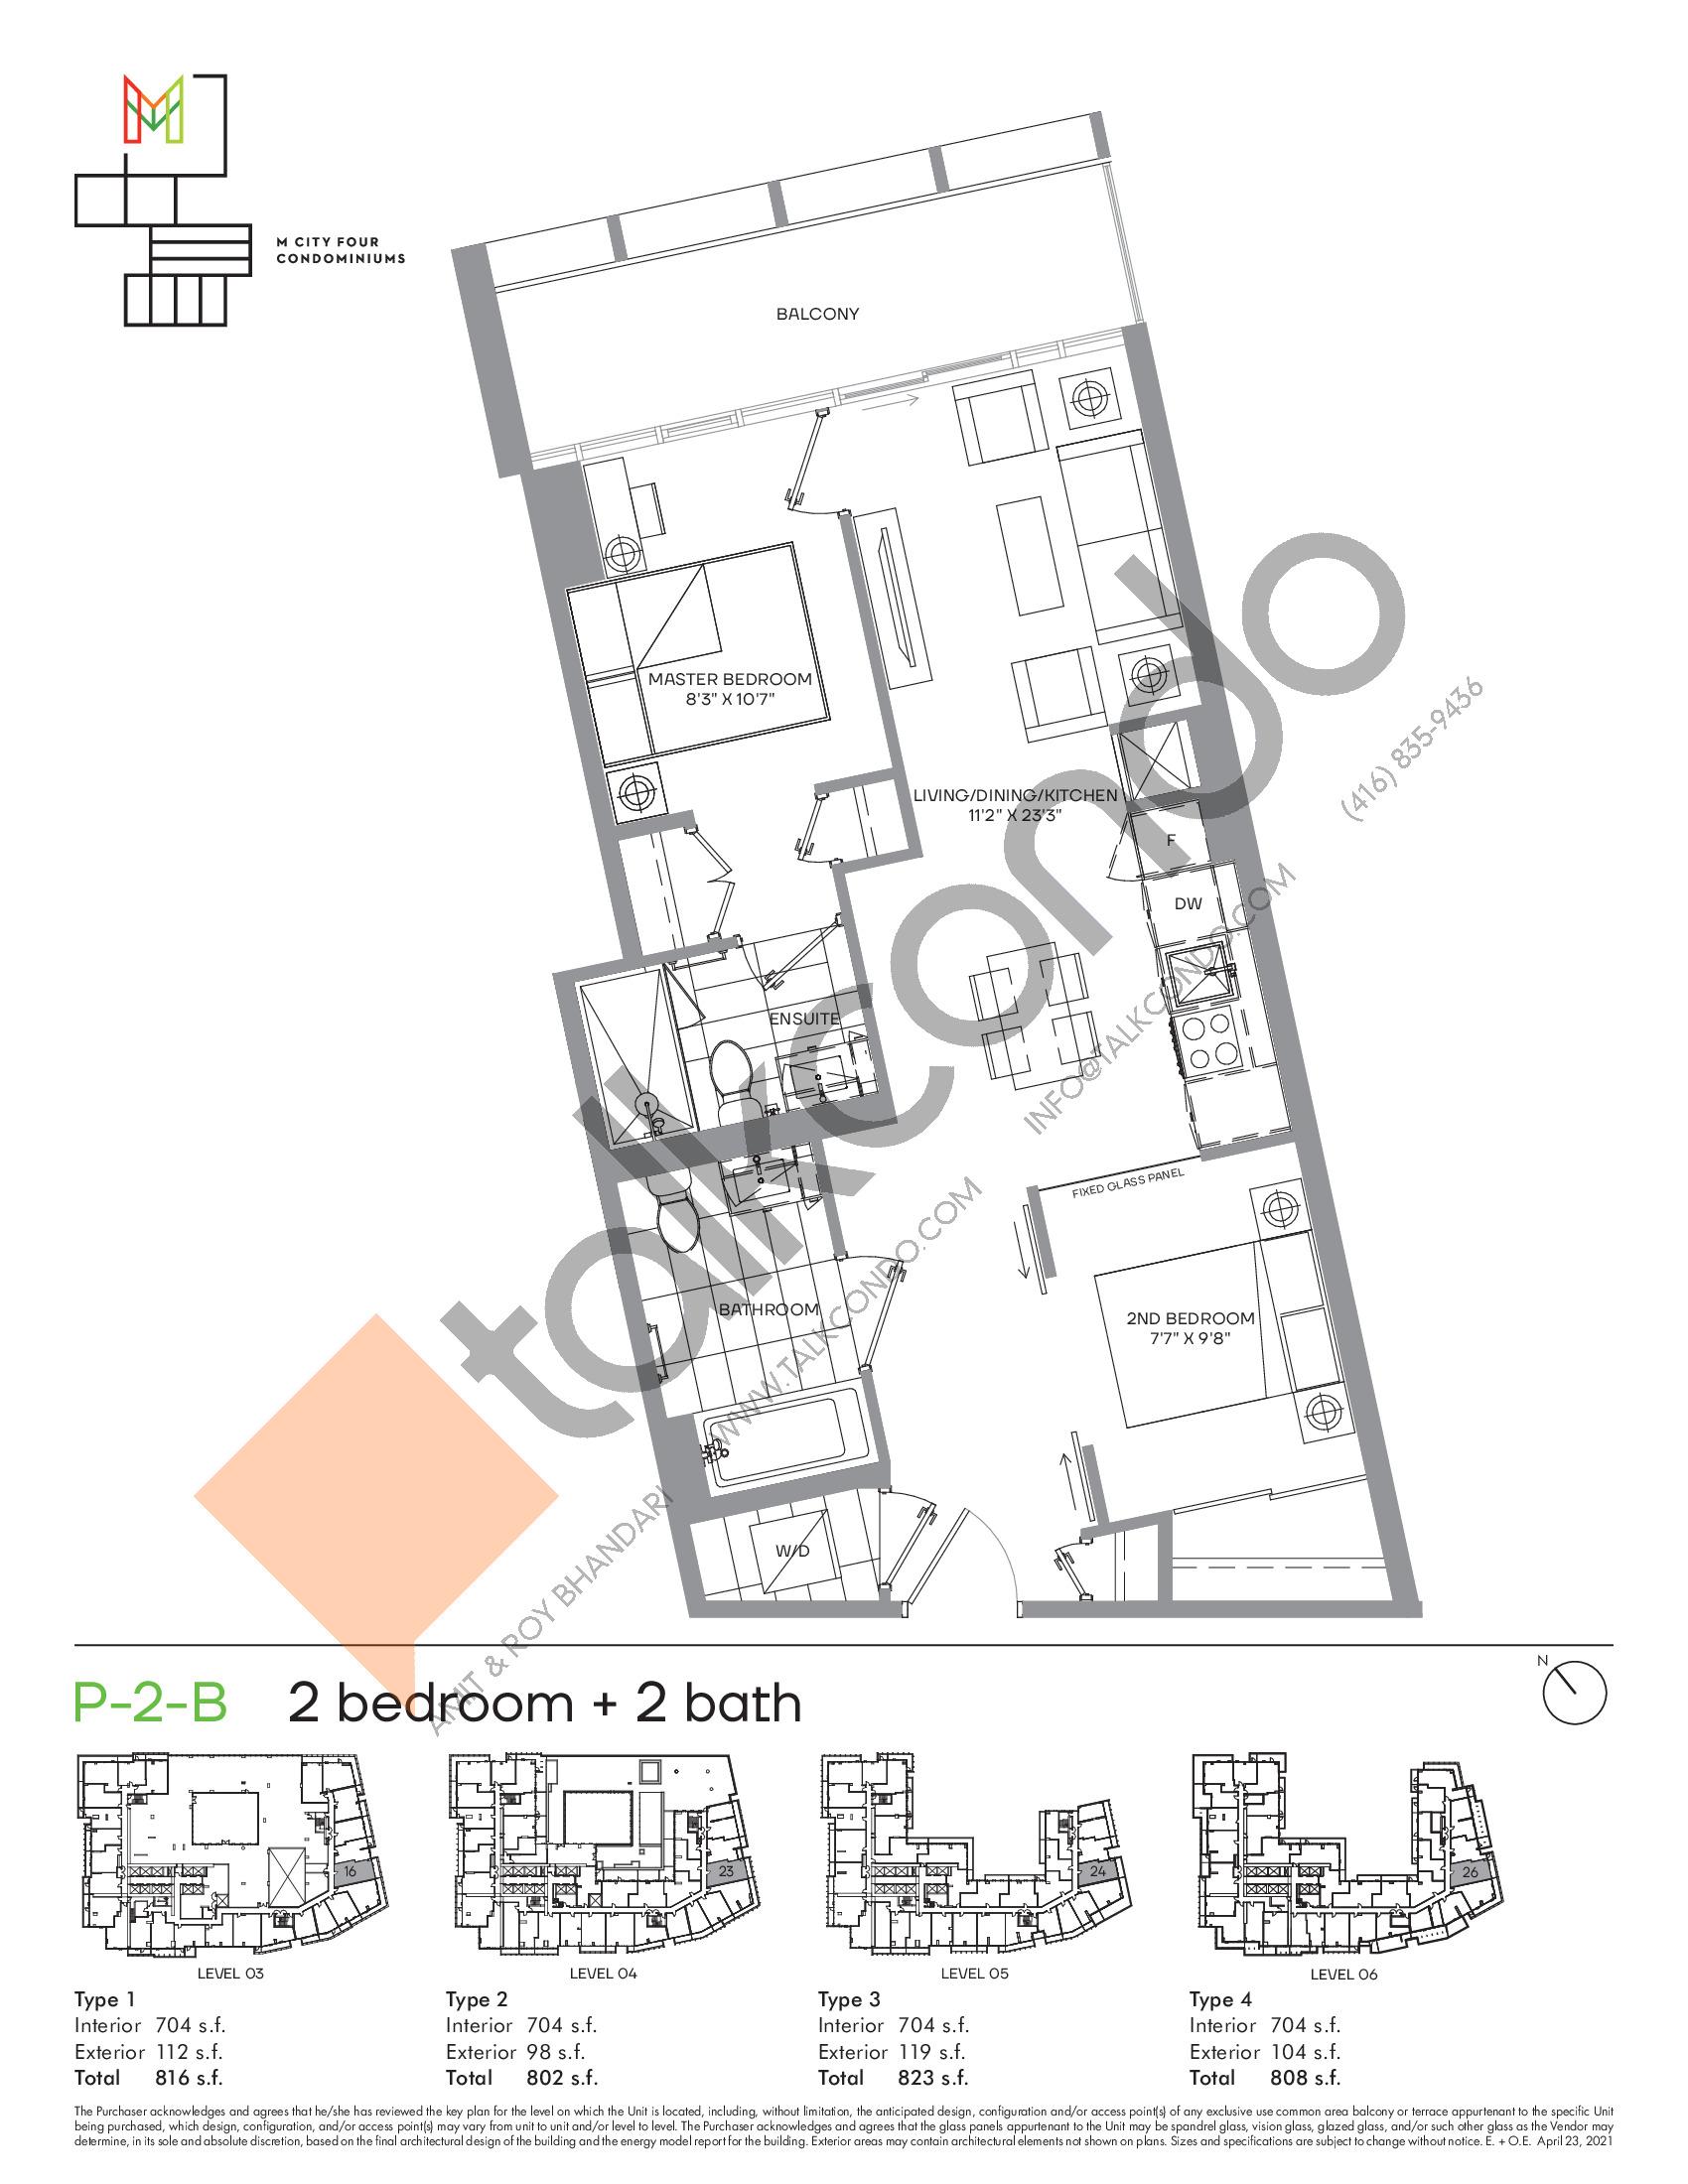 P-2-B (Podium) Floor Plan at M4 Condos - 704 sq.ft